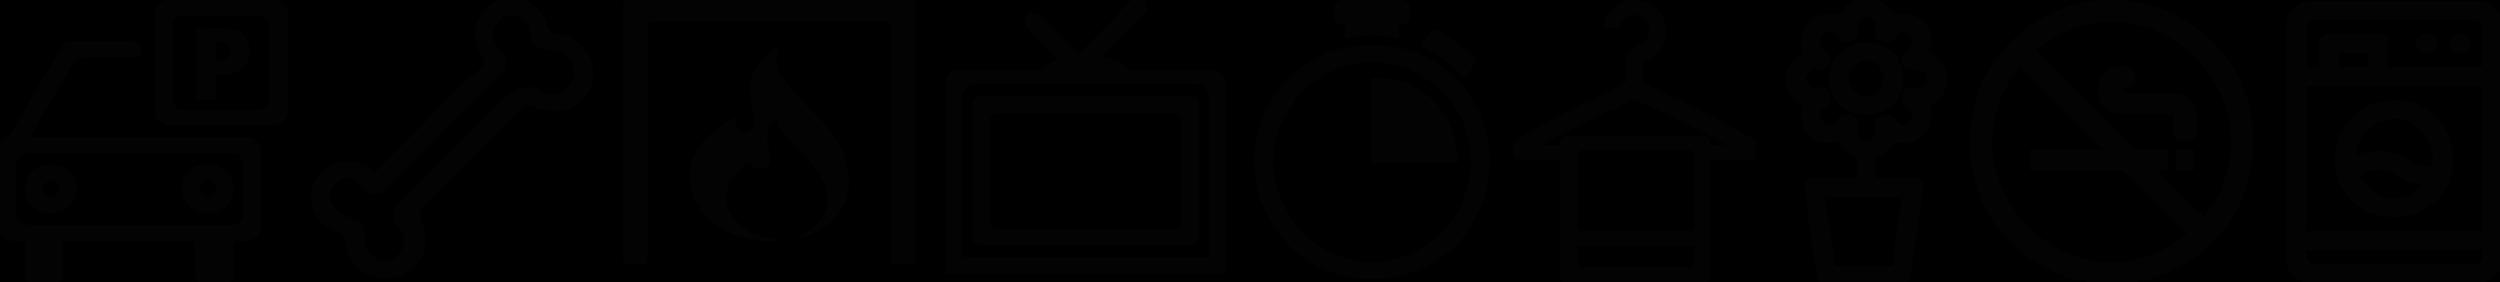 symbols 1.png